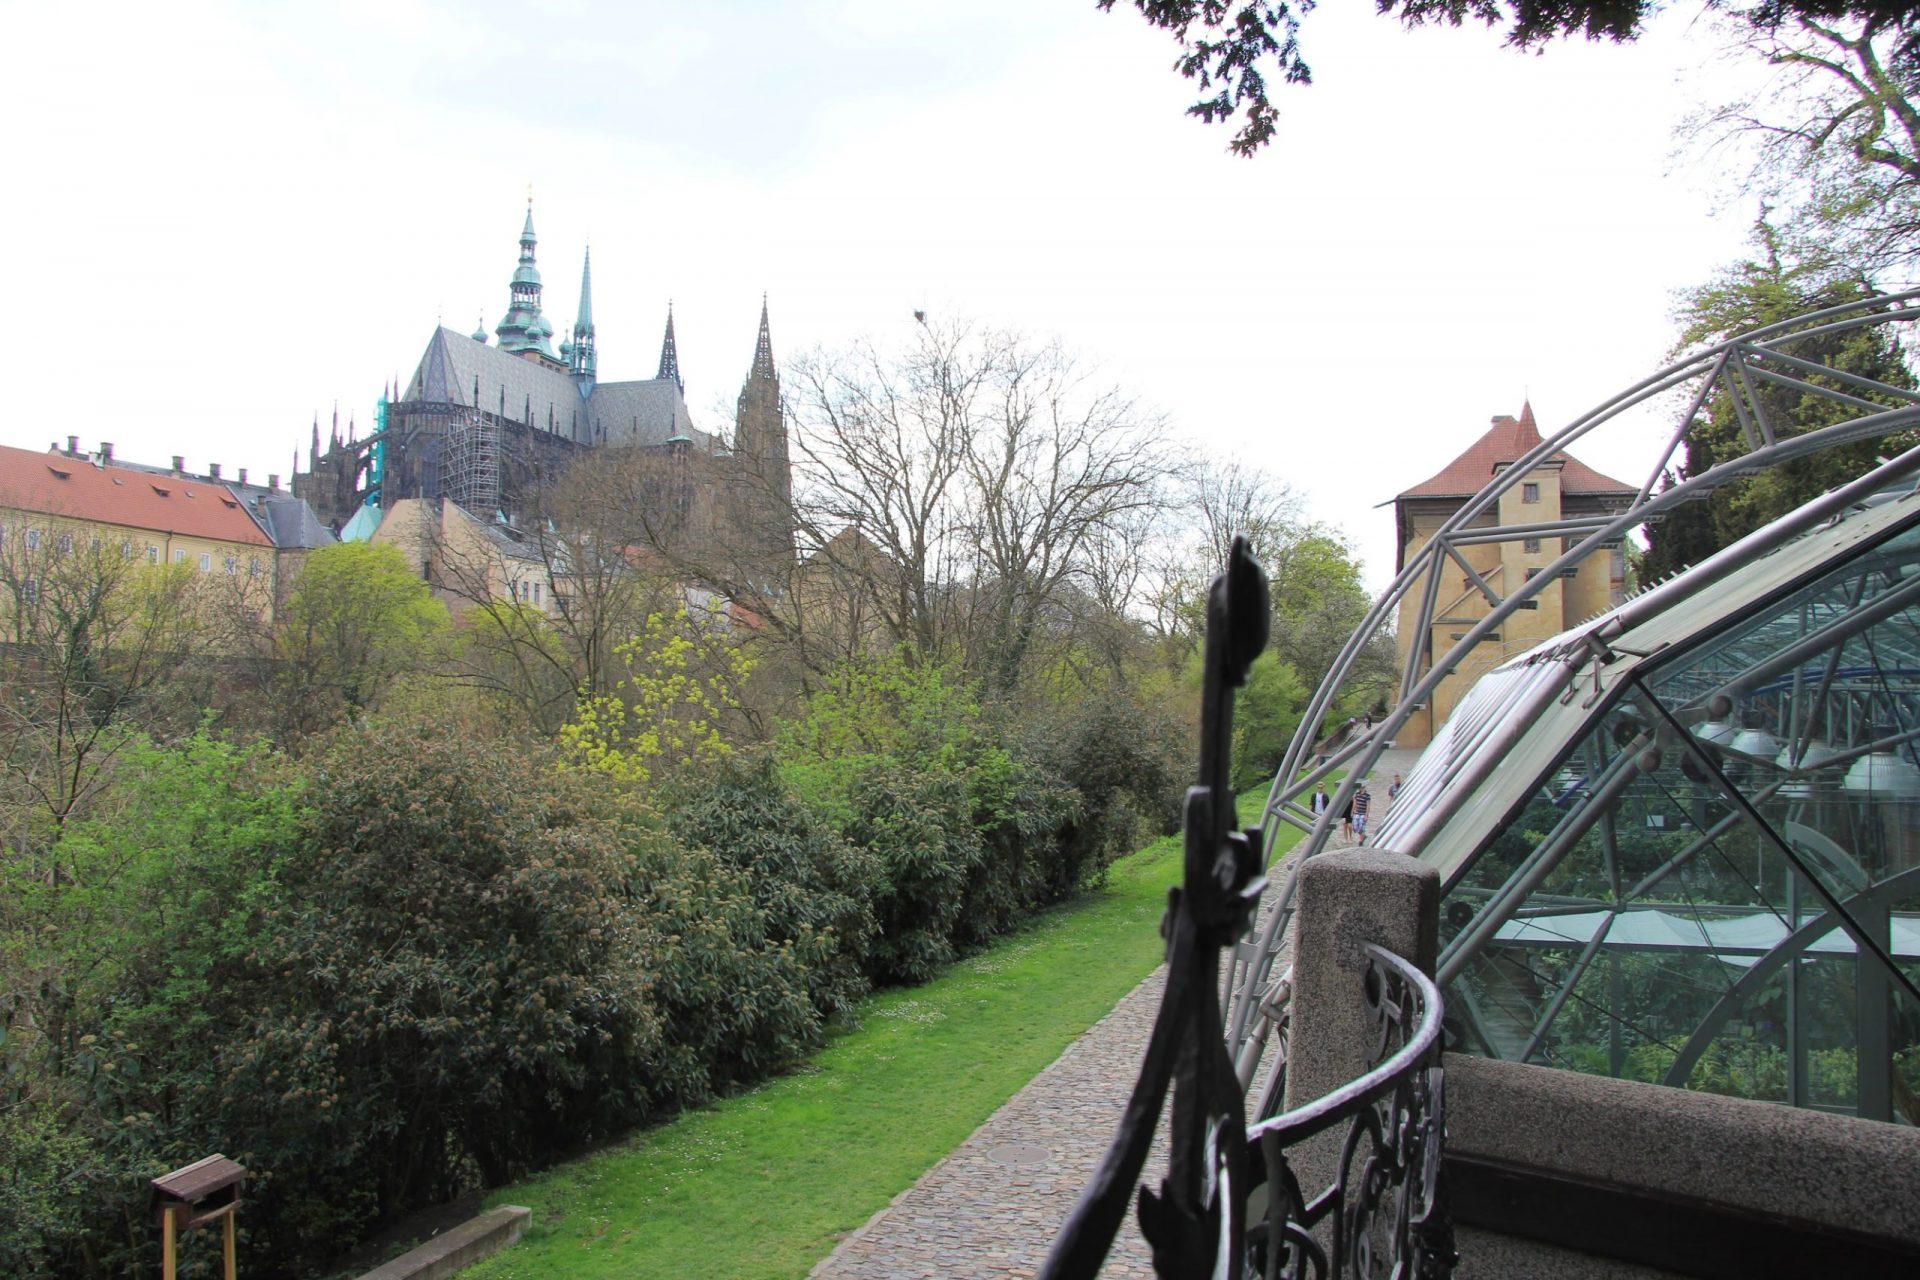 Новая оранжерея в Королевском саду, Прага, Чехия. Апрель, 2013